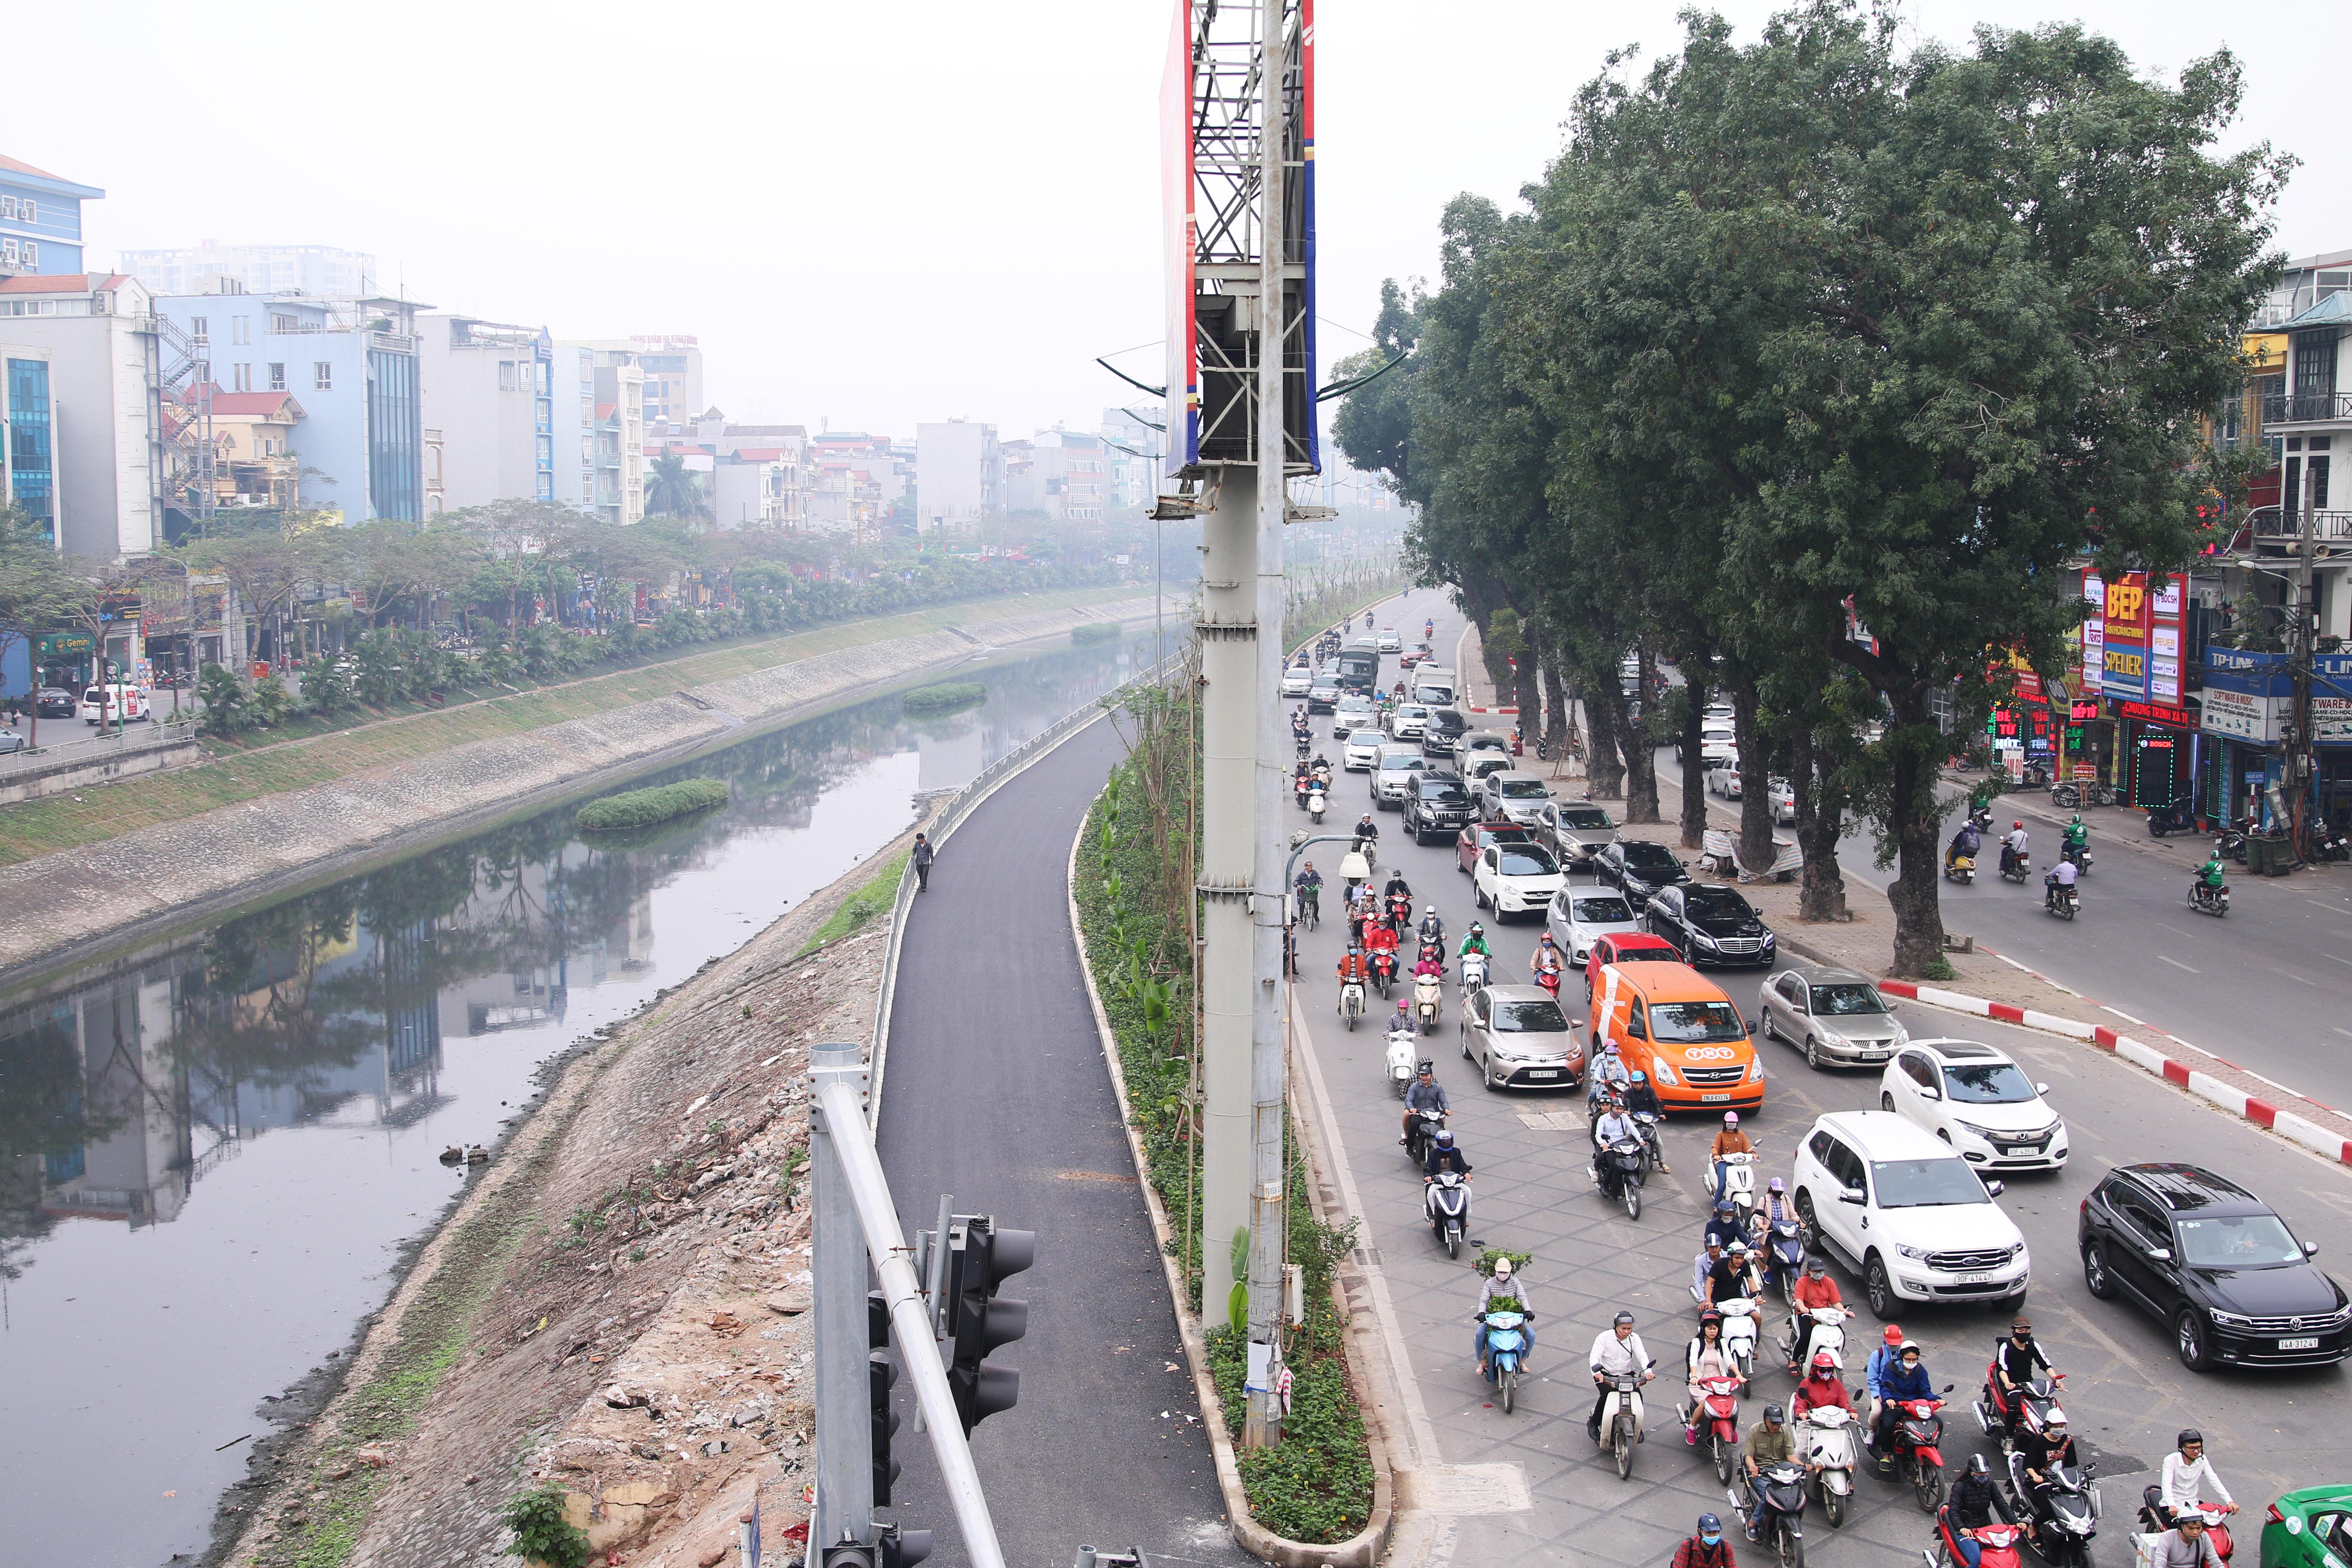 [Ảnh] Tuyến đường đi bộ rộng 3,5 m dọc sông Tô Lịch